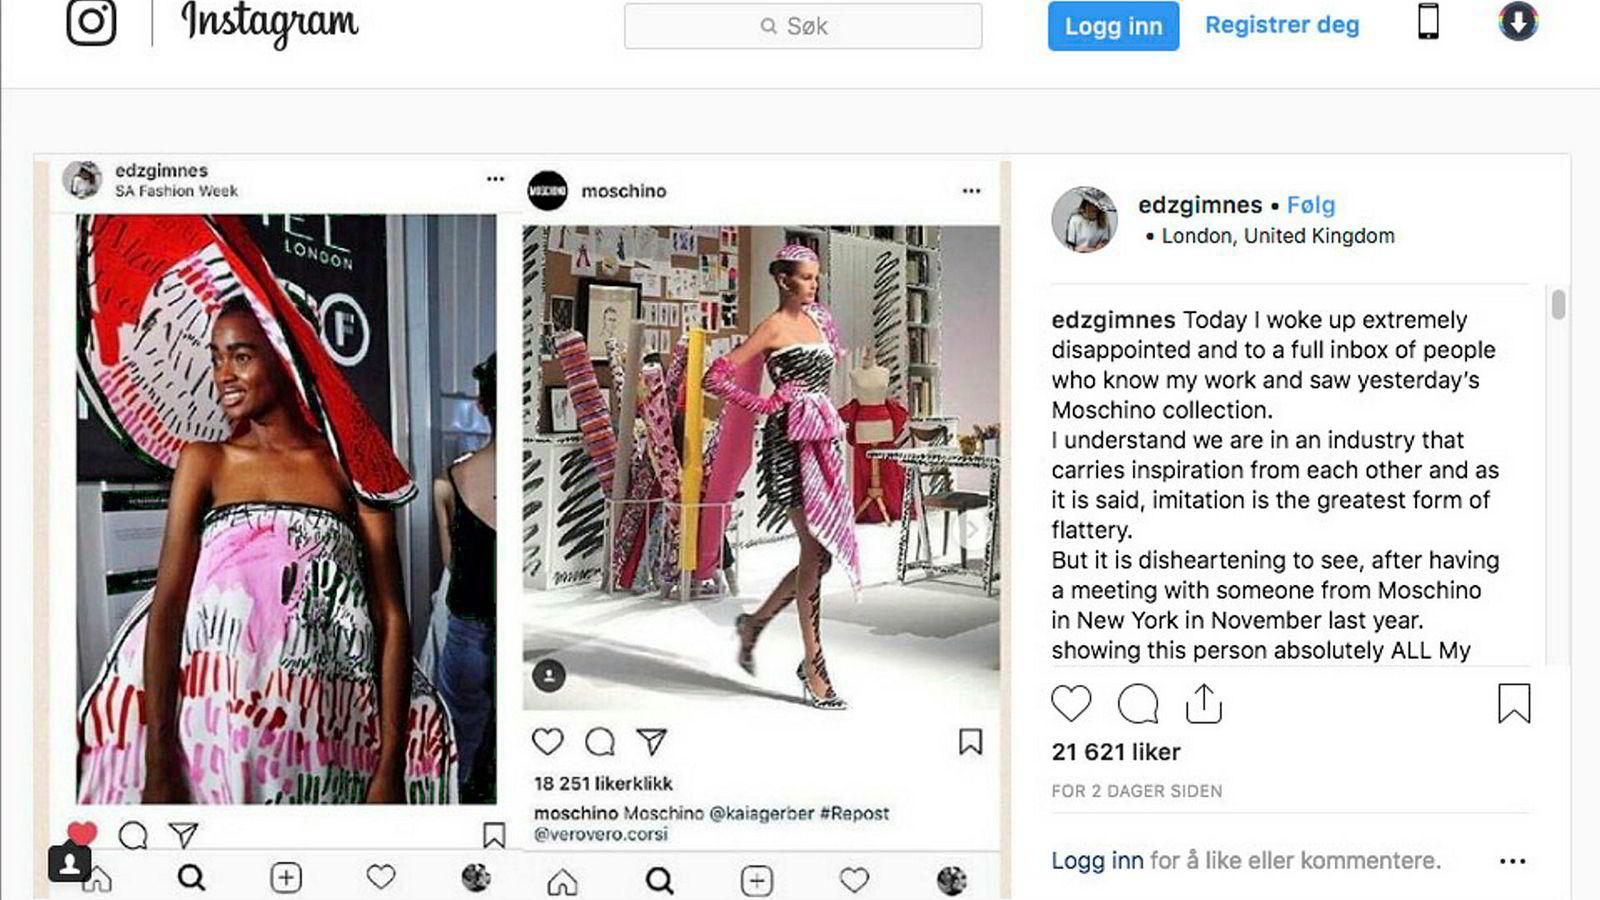 I et Instagram-innlegg fredag i forrige uke viste Edda Gimnes frem fem bilder av sin egen design ved siden av den italienske motegiganten Moschinos nye SS19-kolleksjon, som ble vist torsdag.